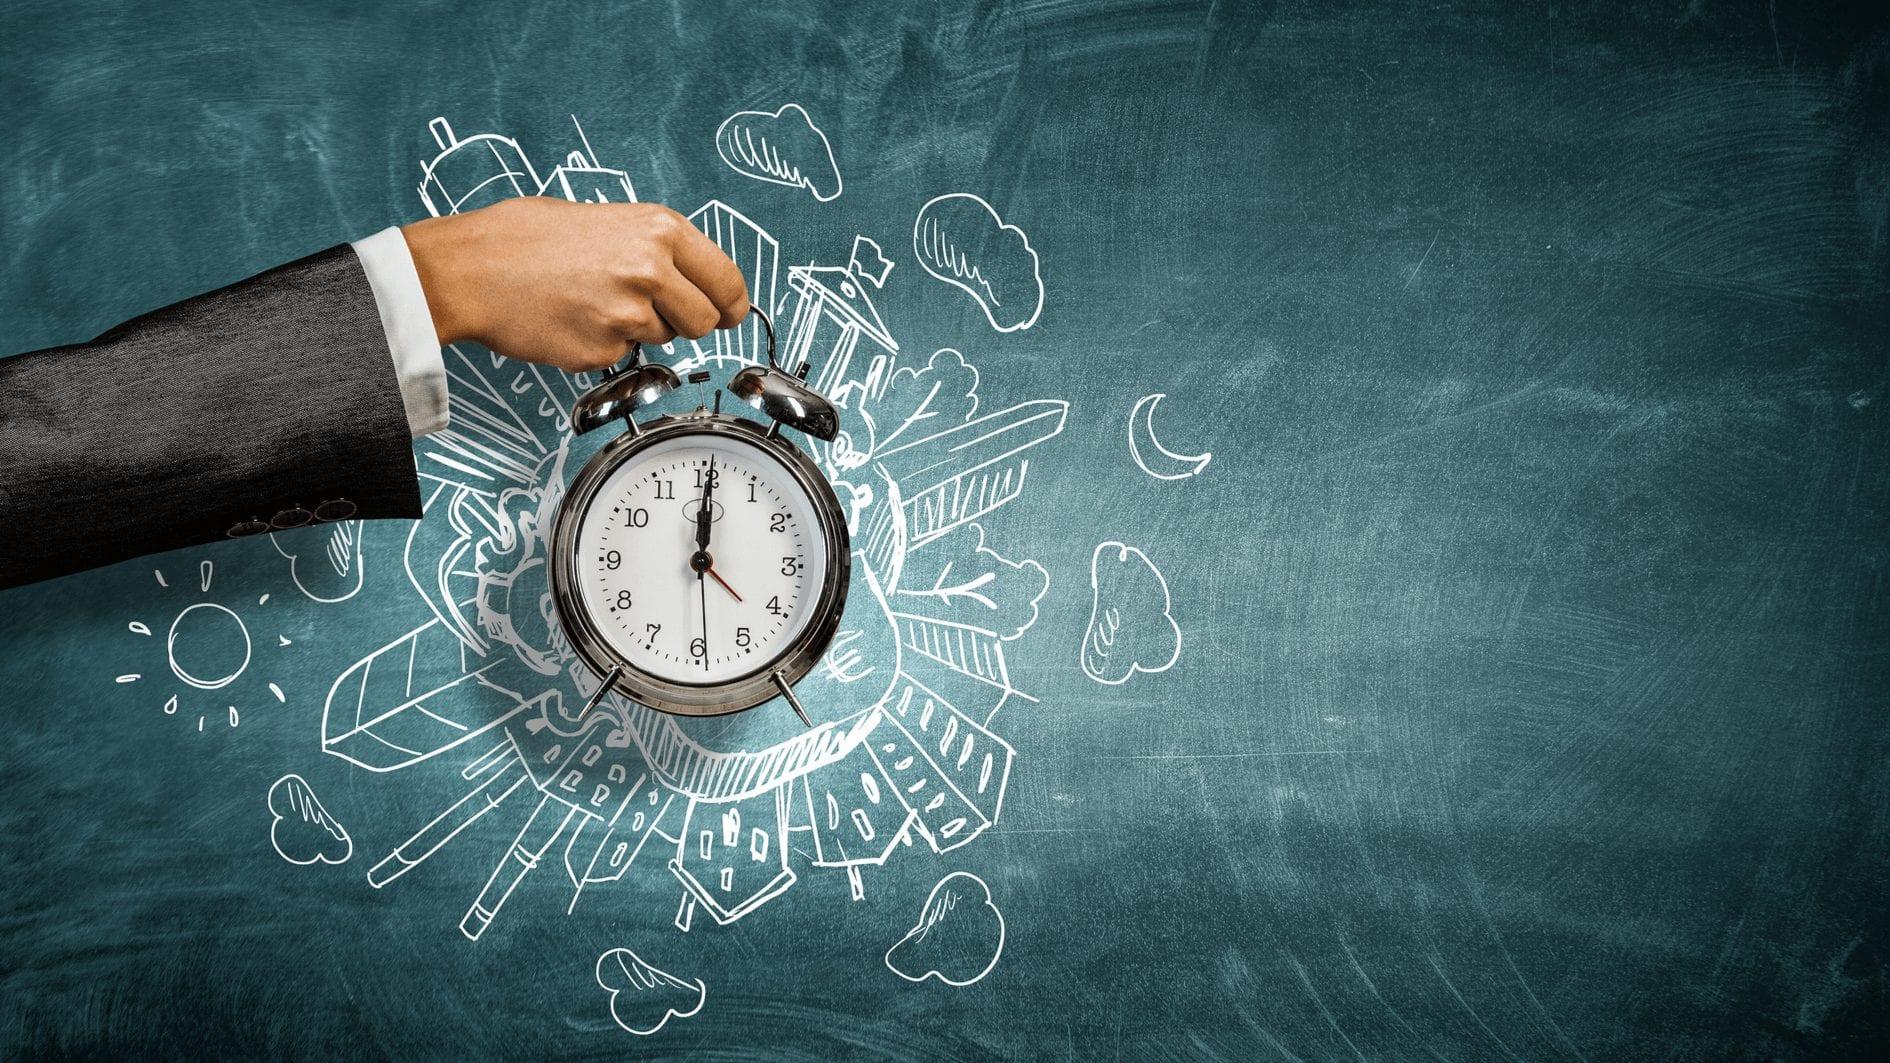 Kebijakan Absensi Karyawan, 5 Hal yang Harus Dipertimbangkan